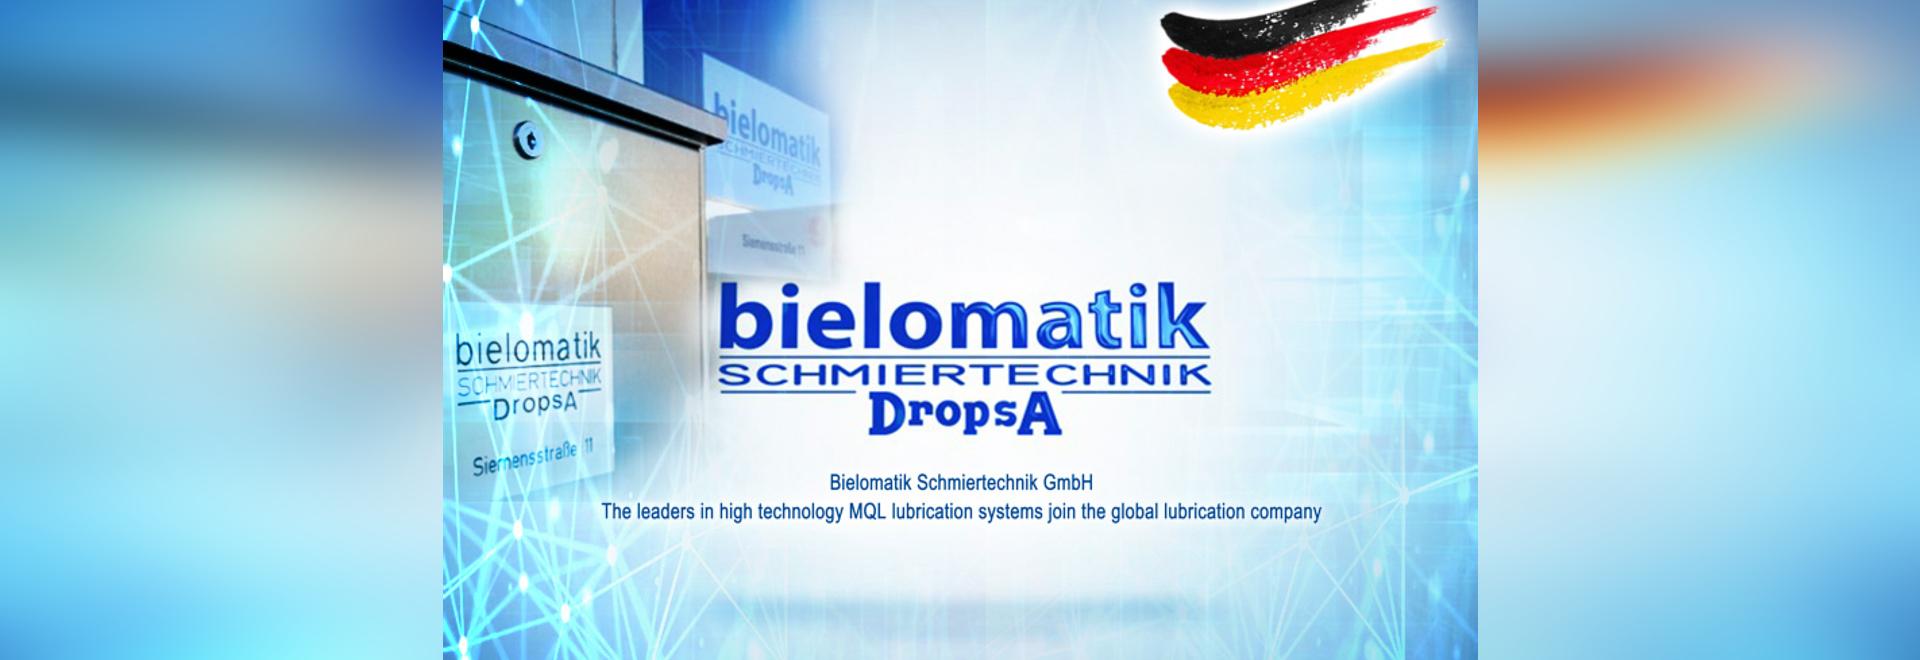 Bielomatik Schmiertechnik GmbH joins DropsA